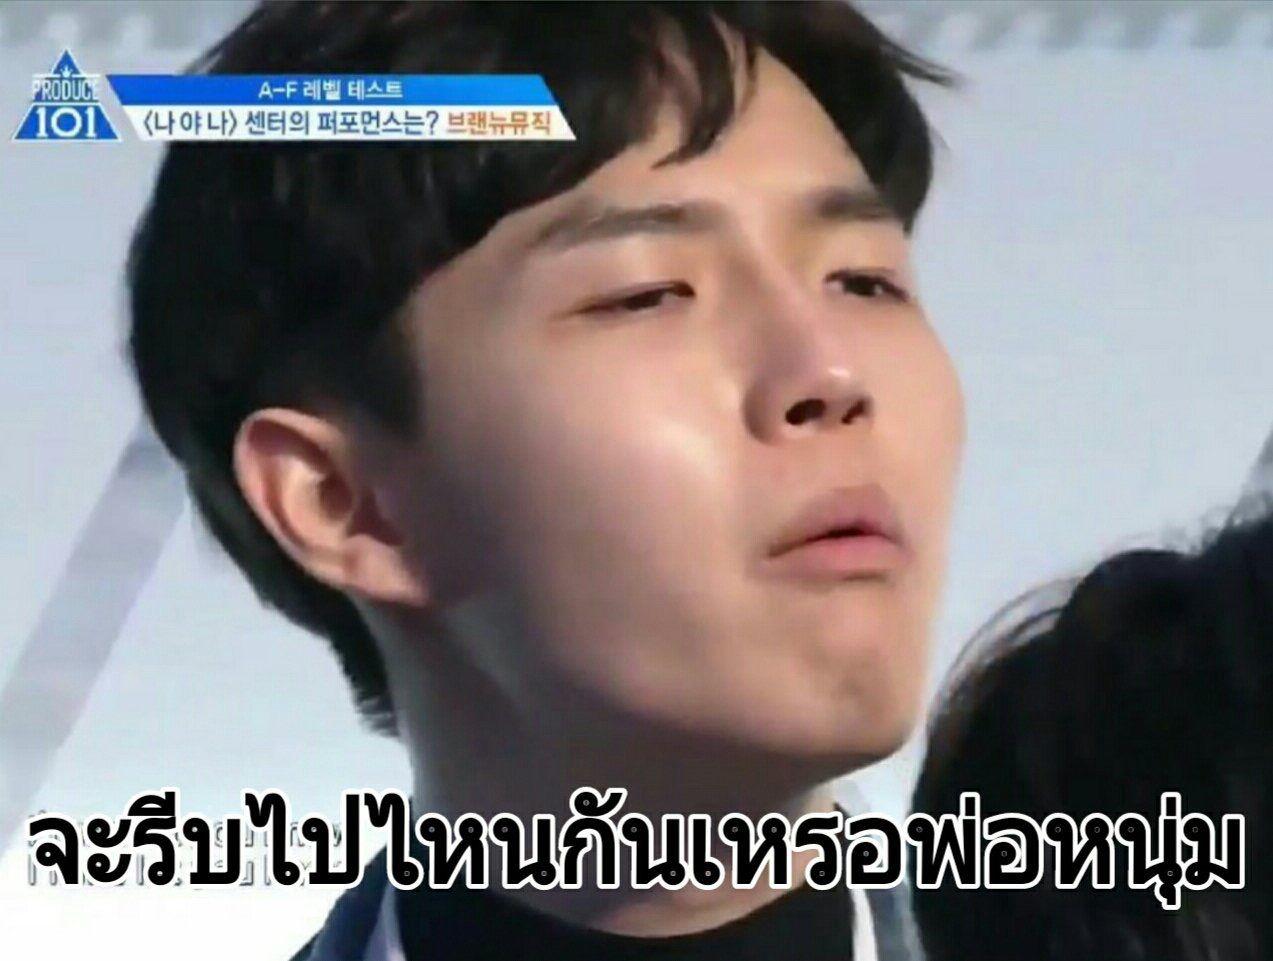 Funny Meme Smiley : Pin by pon ji on มีม pinterest meme